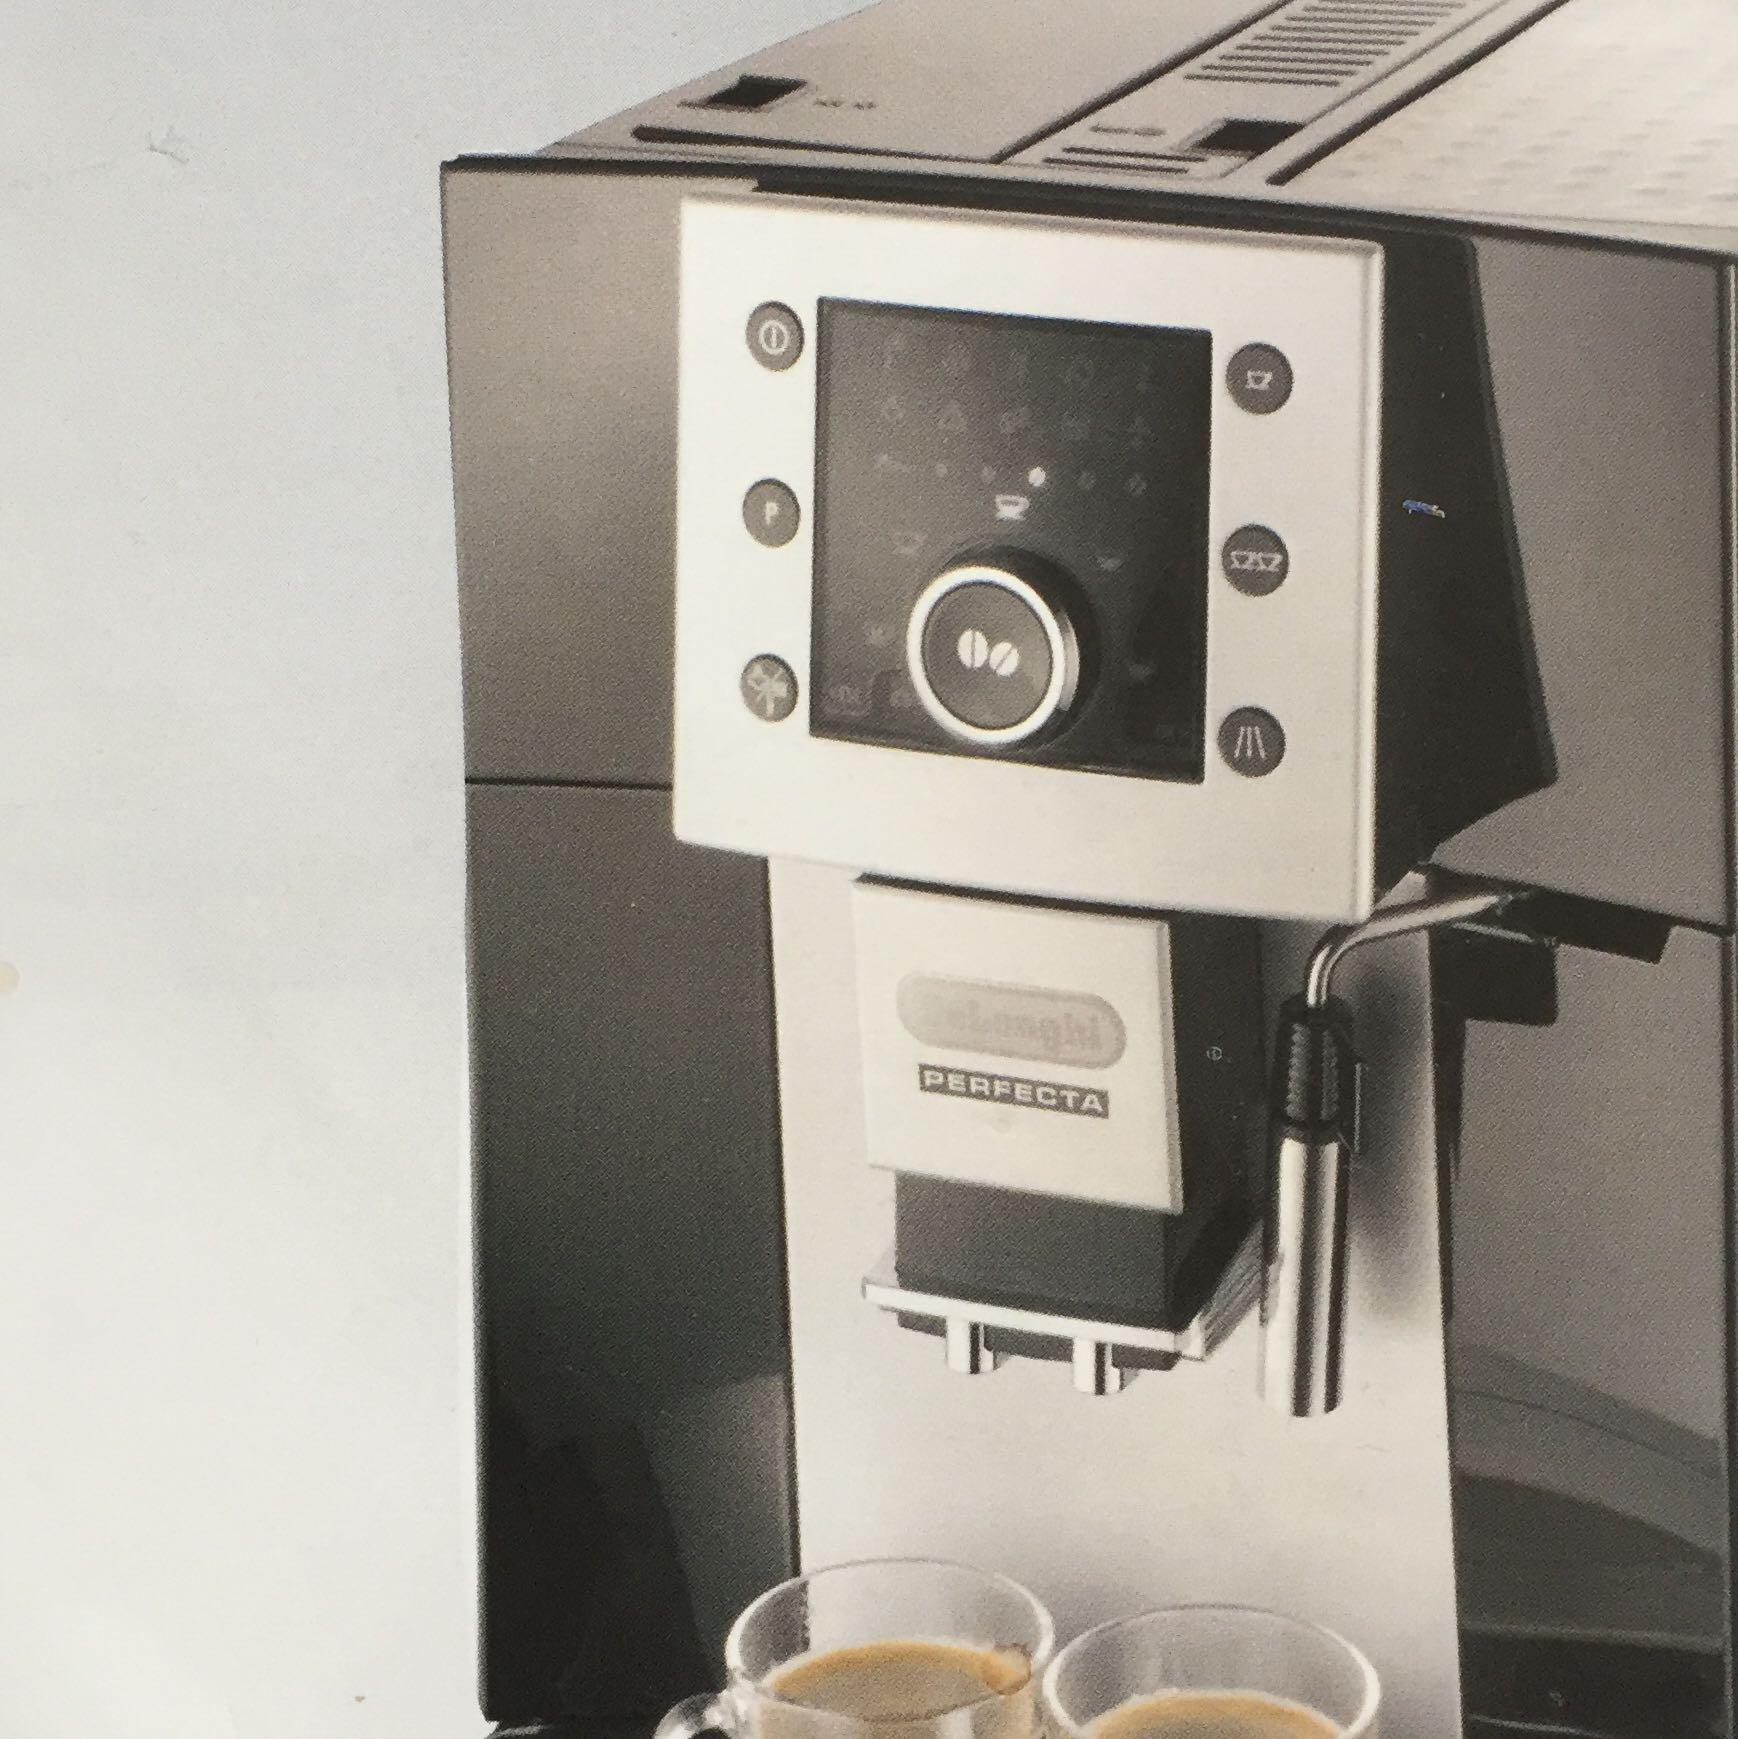 wie kann ich die br heinheit meines delonghi esam 5400 kaffeevollautomaten entnehmen kaffee. Black Bedroom Furniture Sets. Home Design Ideas